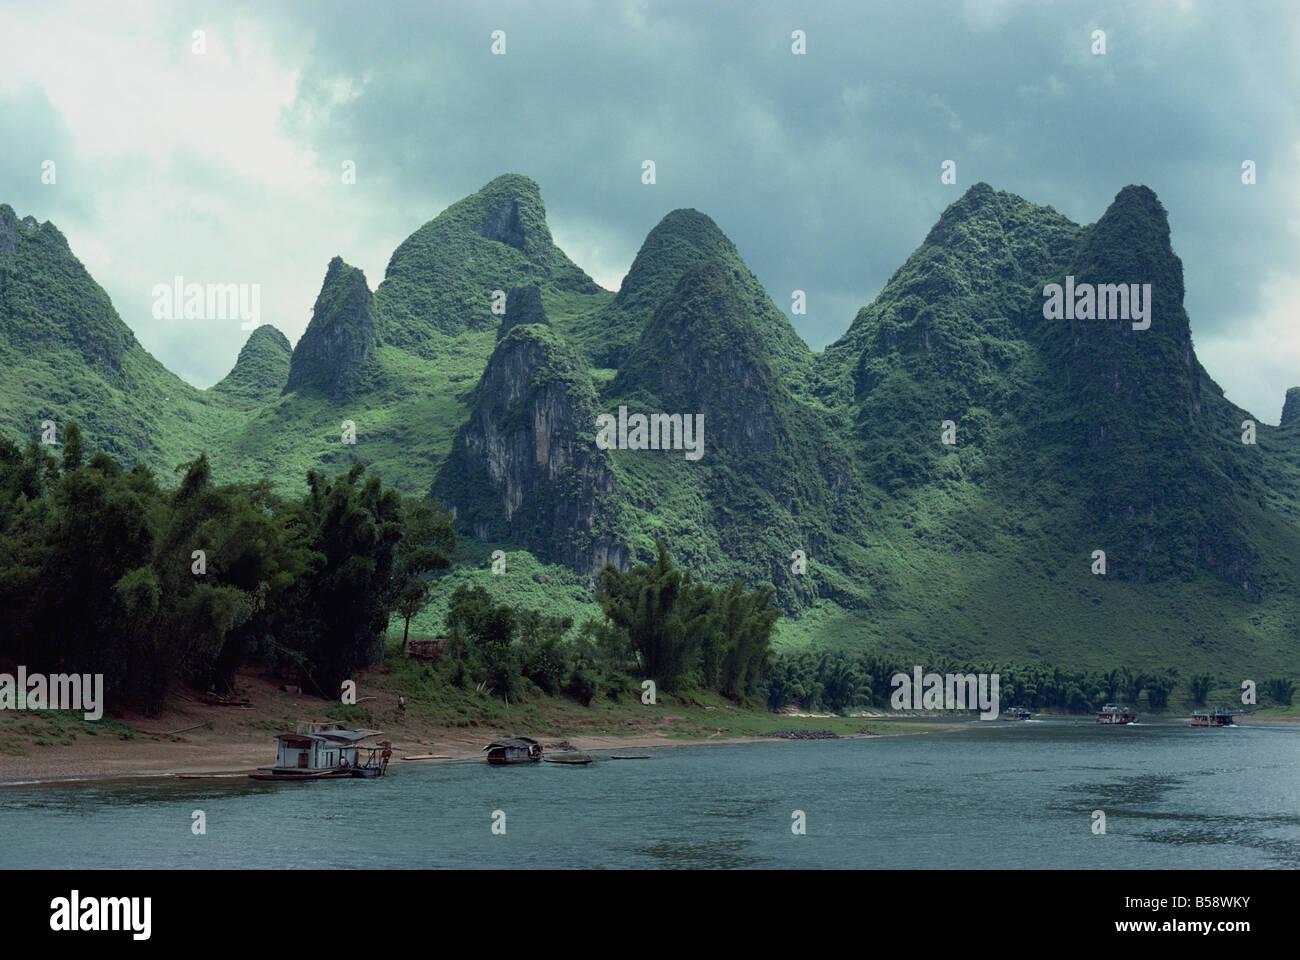 Der Fluss Li zwischen Gweilin und Yangshuo in der Provinz Guangxi, China Stockbild